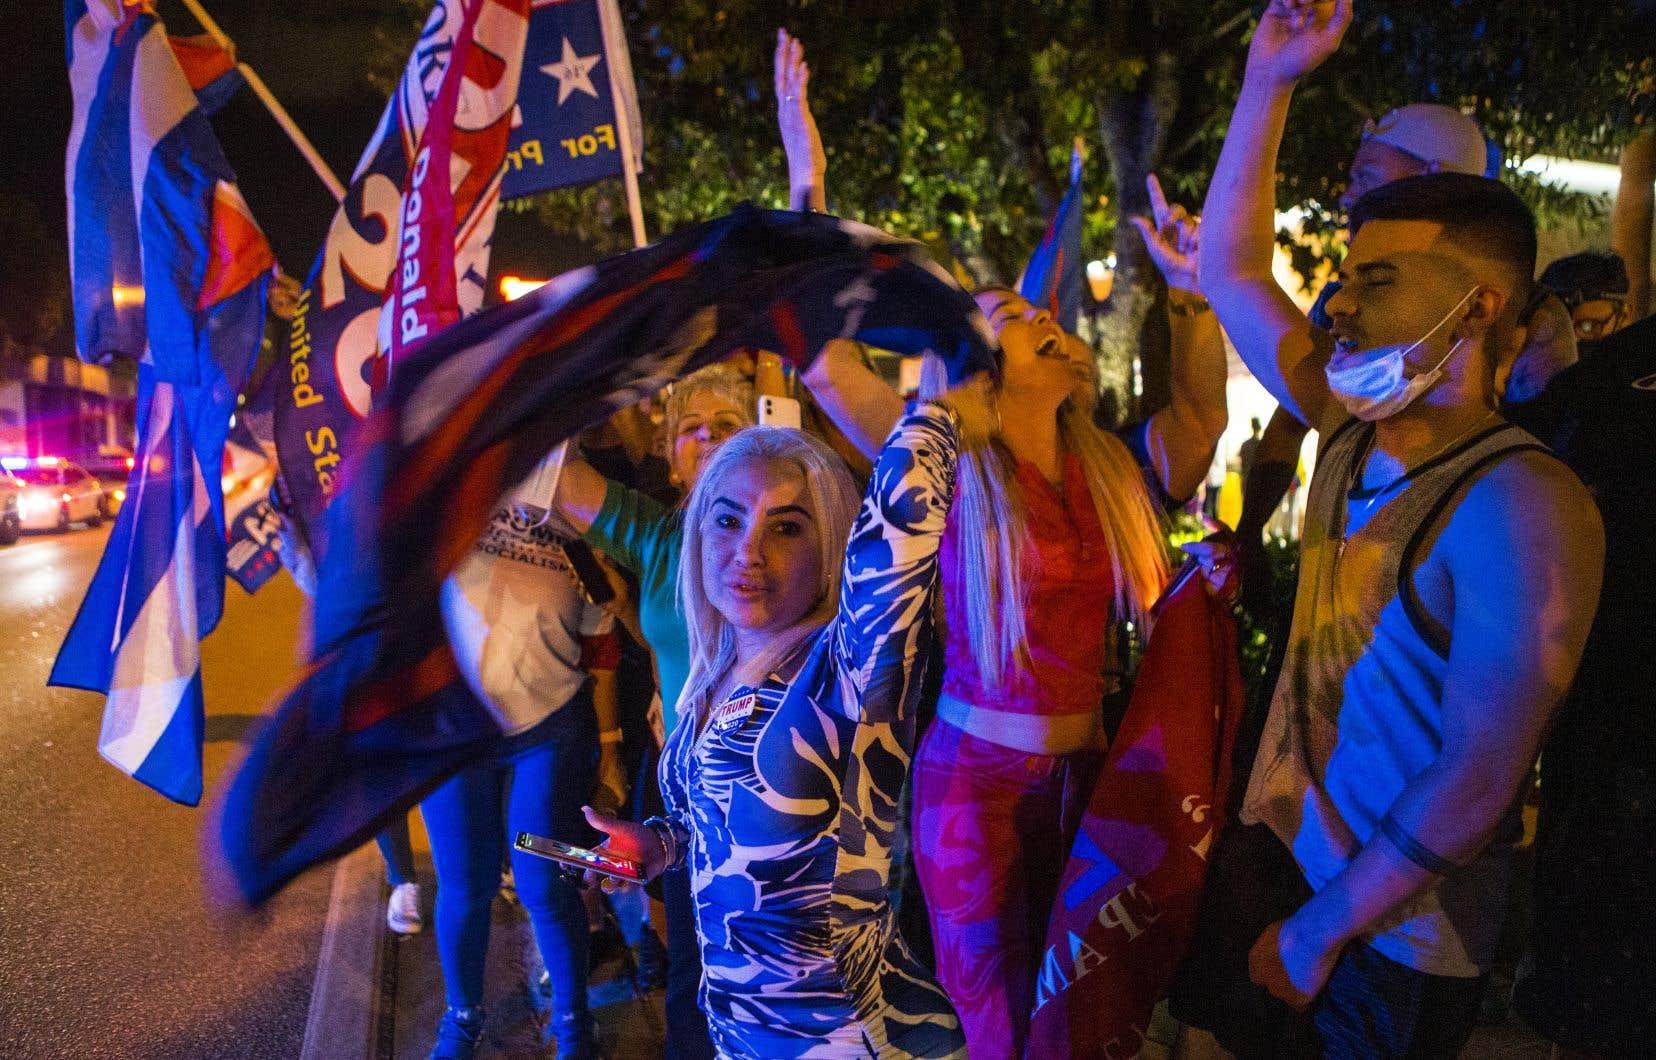 «Quatre années de plus, quatre années de plus», ont scandé des centaines de personnes réunies devant l'emblématique Café Versailles, situé sur la Calle Ocho, dans Little Havana, à Miami.